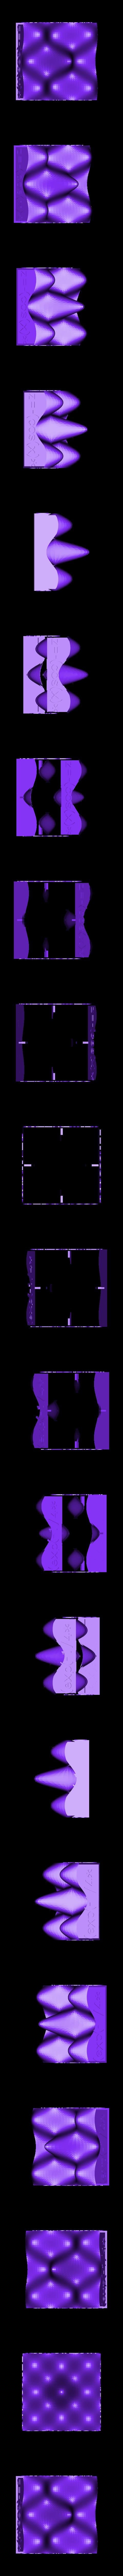 grapher.stl Télécharger fichier STL gratuit Sand castle build with math function • Objet imprimable en 3D, JOHLINK